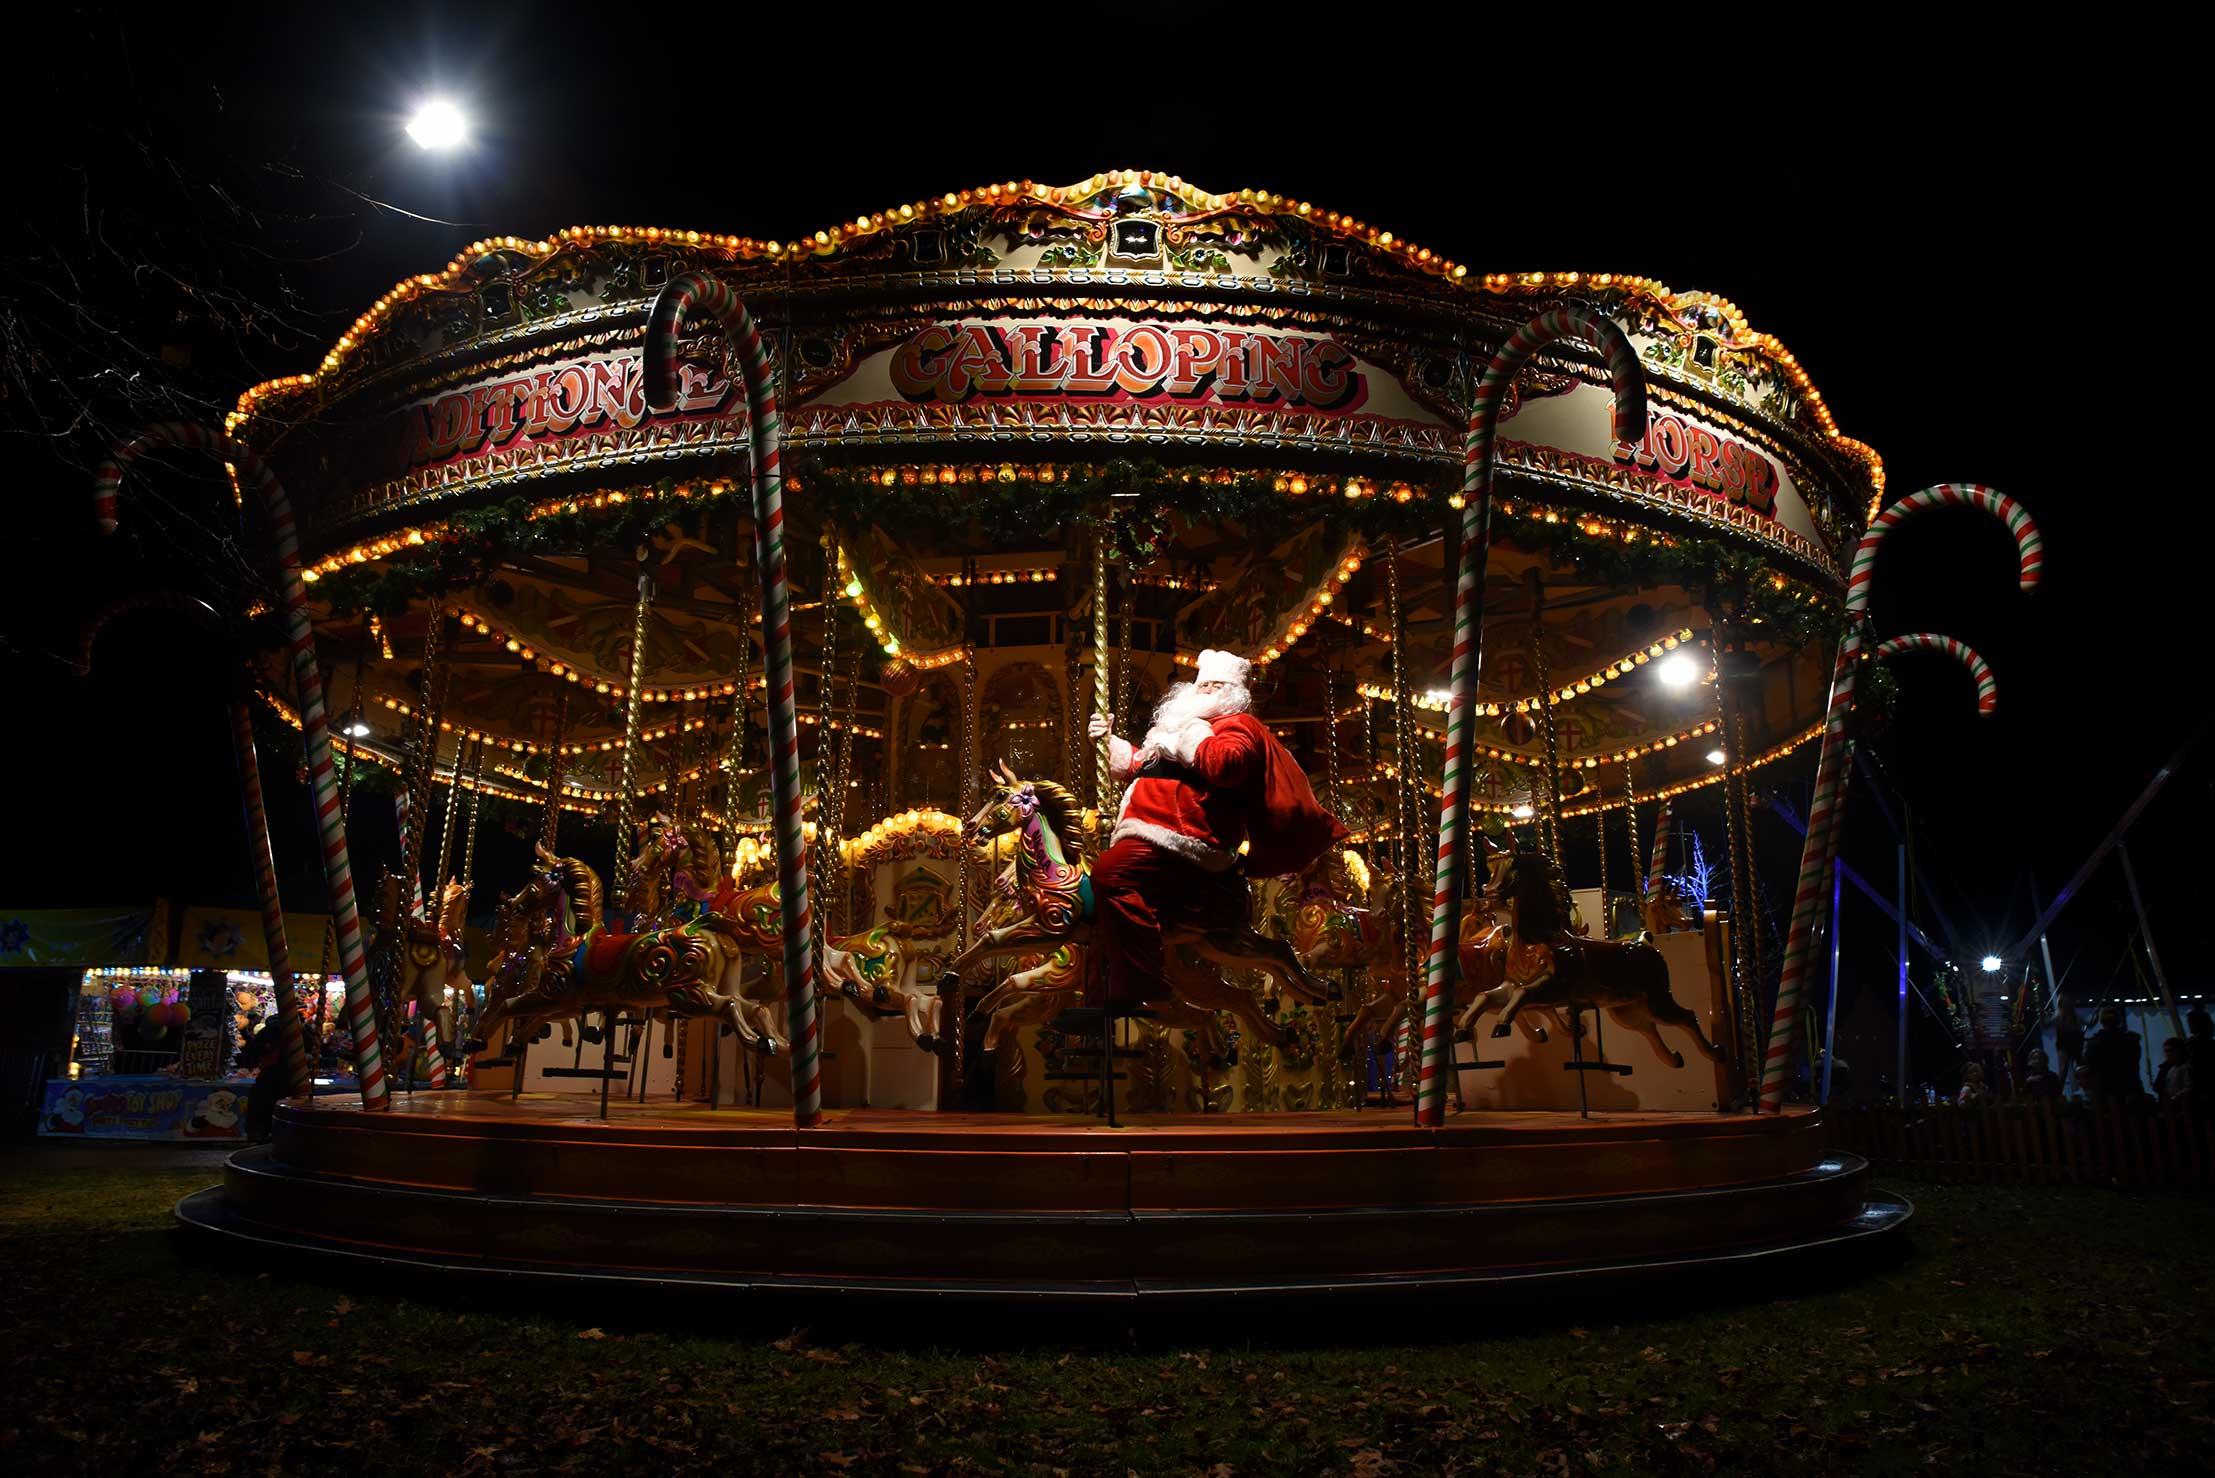 Carosel Christmas Santa Claus